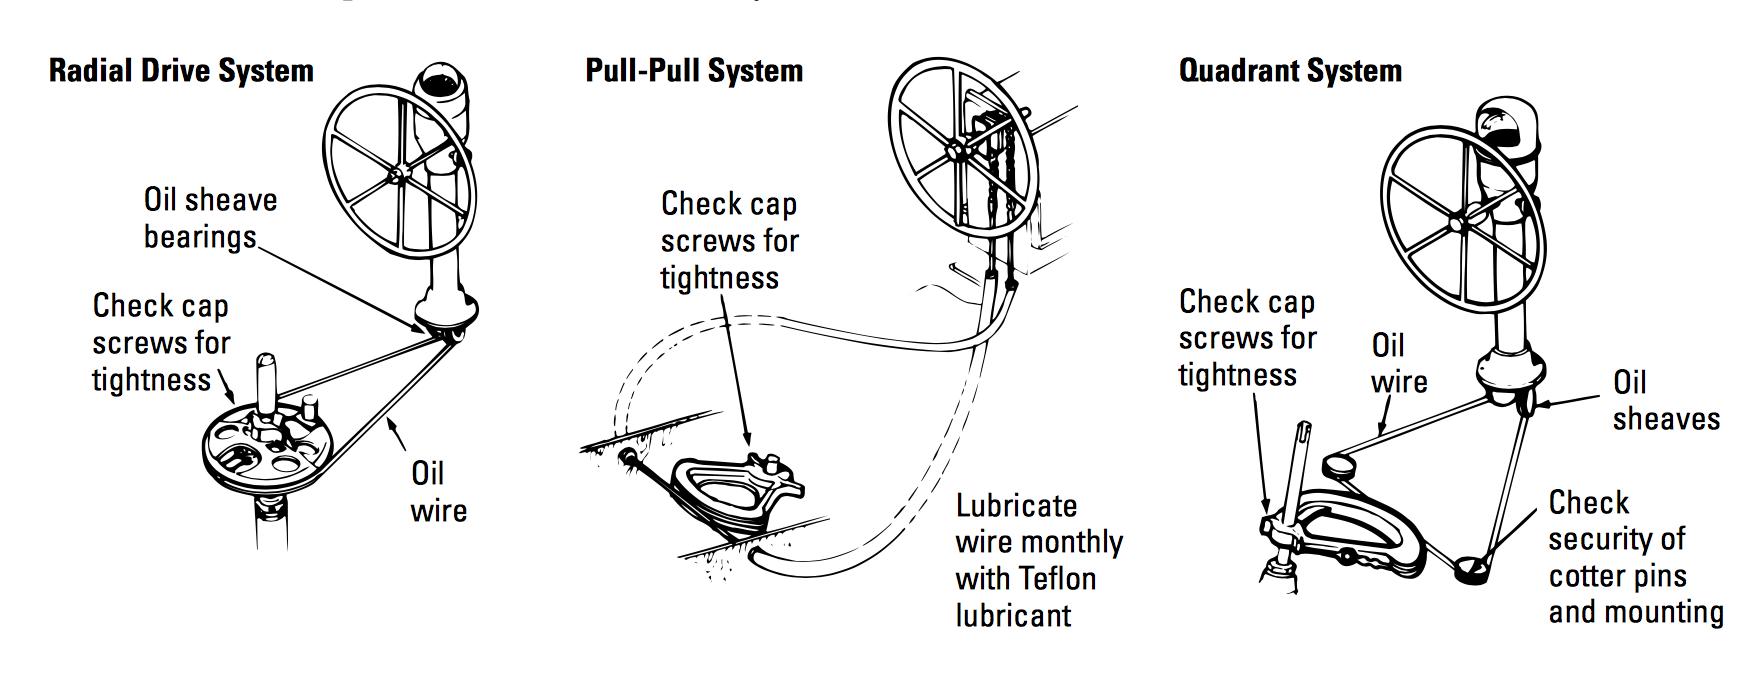 Seaway Steering Syetem